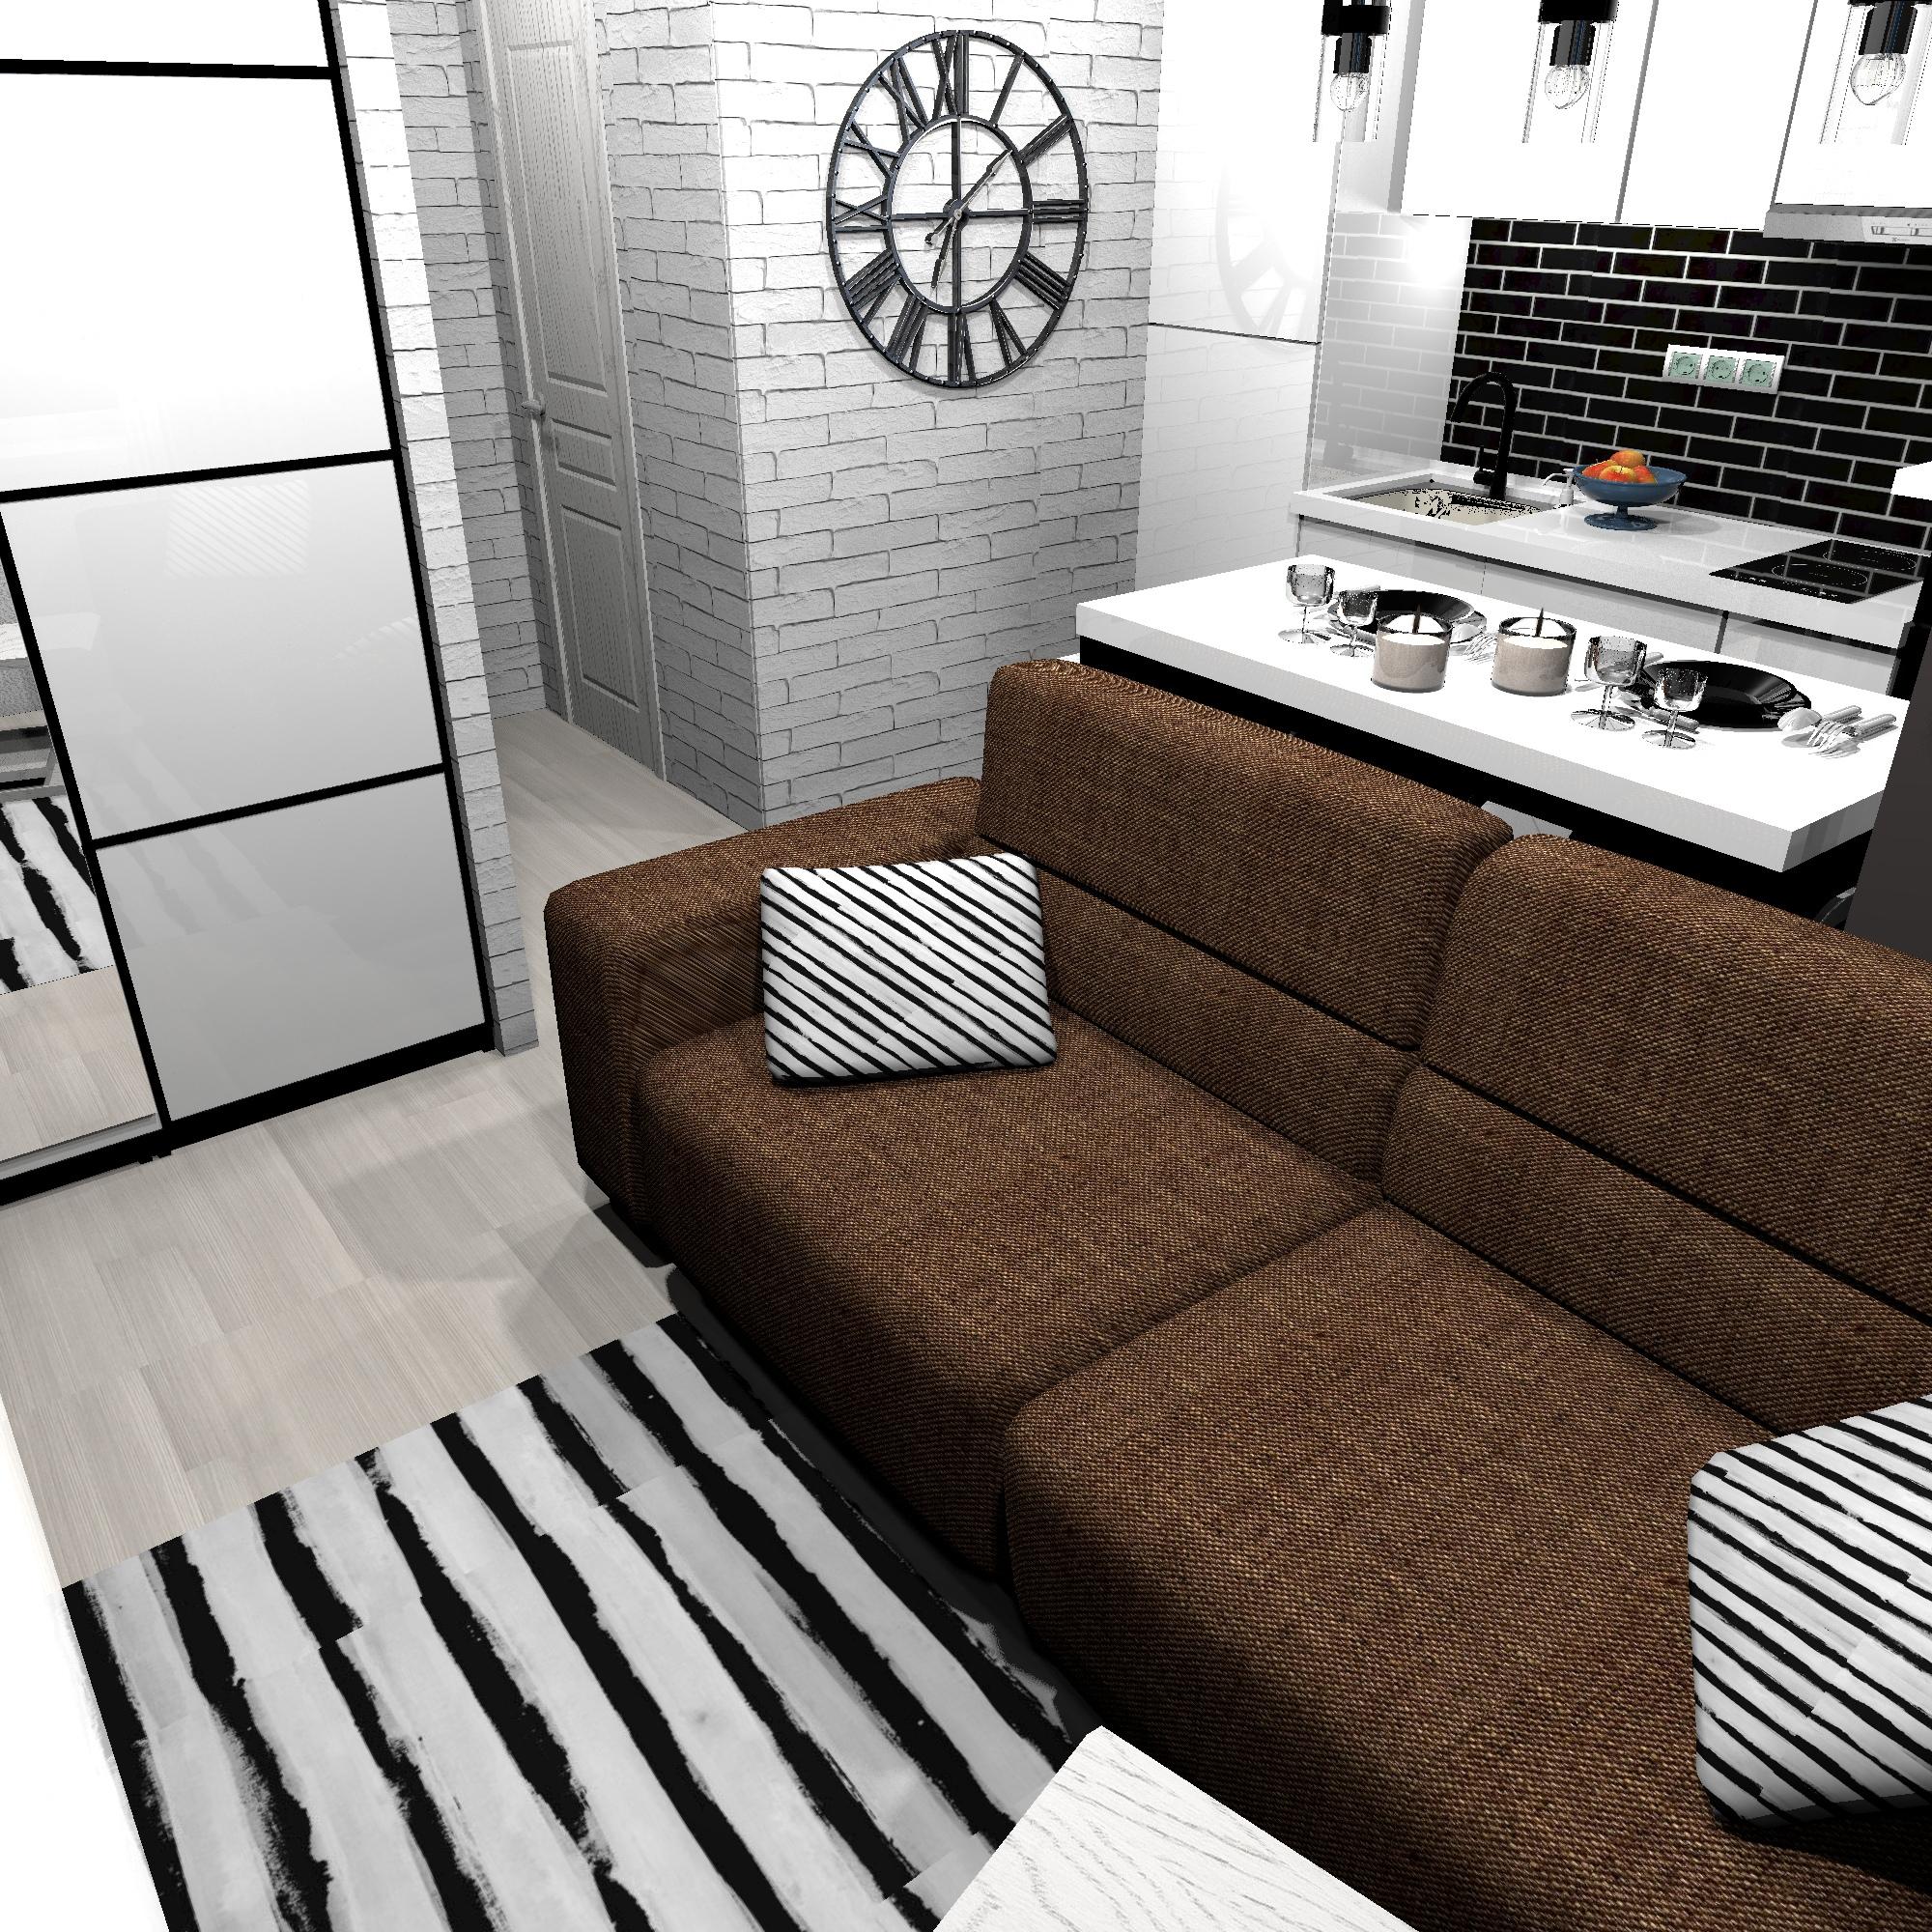 Еще один дизайн-проект маленькой квартиры-студии 23,3 кв.